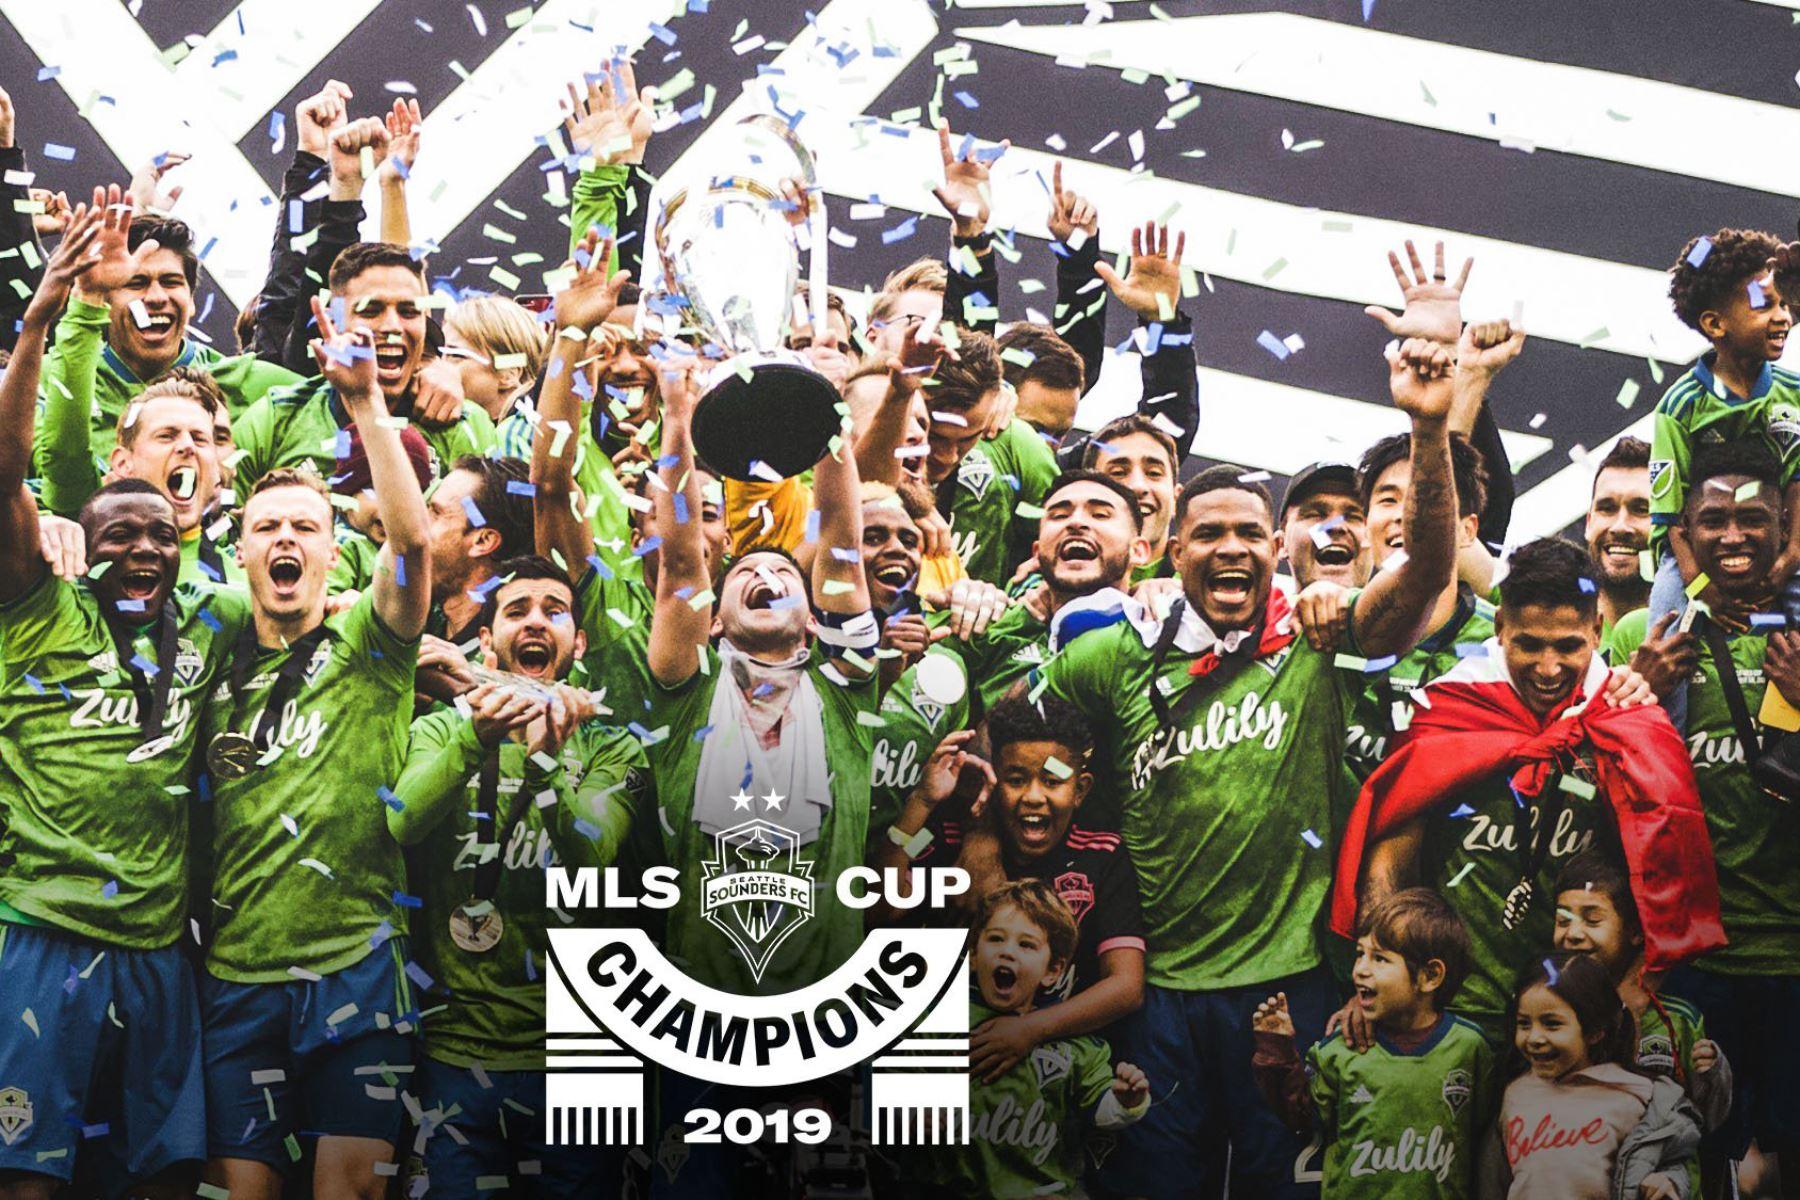 Equipo de Ruidiaz, Seattle Sounders FC se proclama campeón en Estados Unidos. Foto: INTERNET/Medios